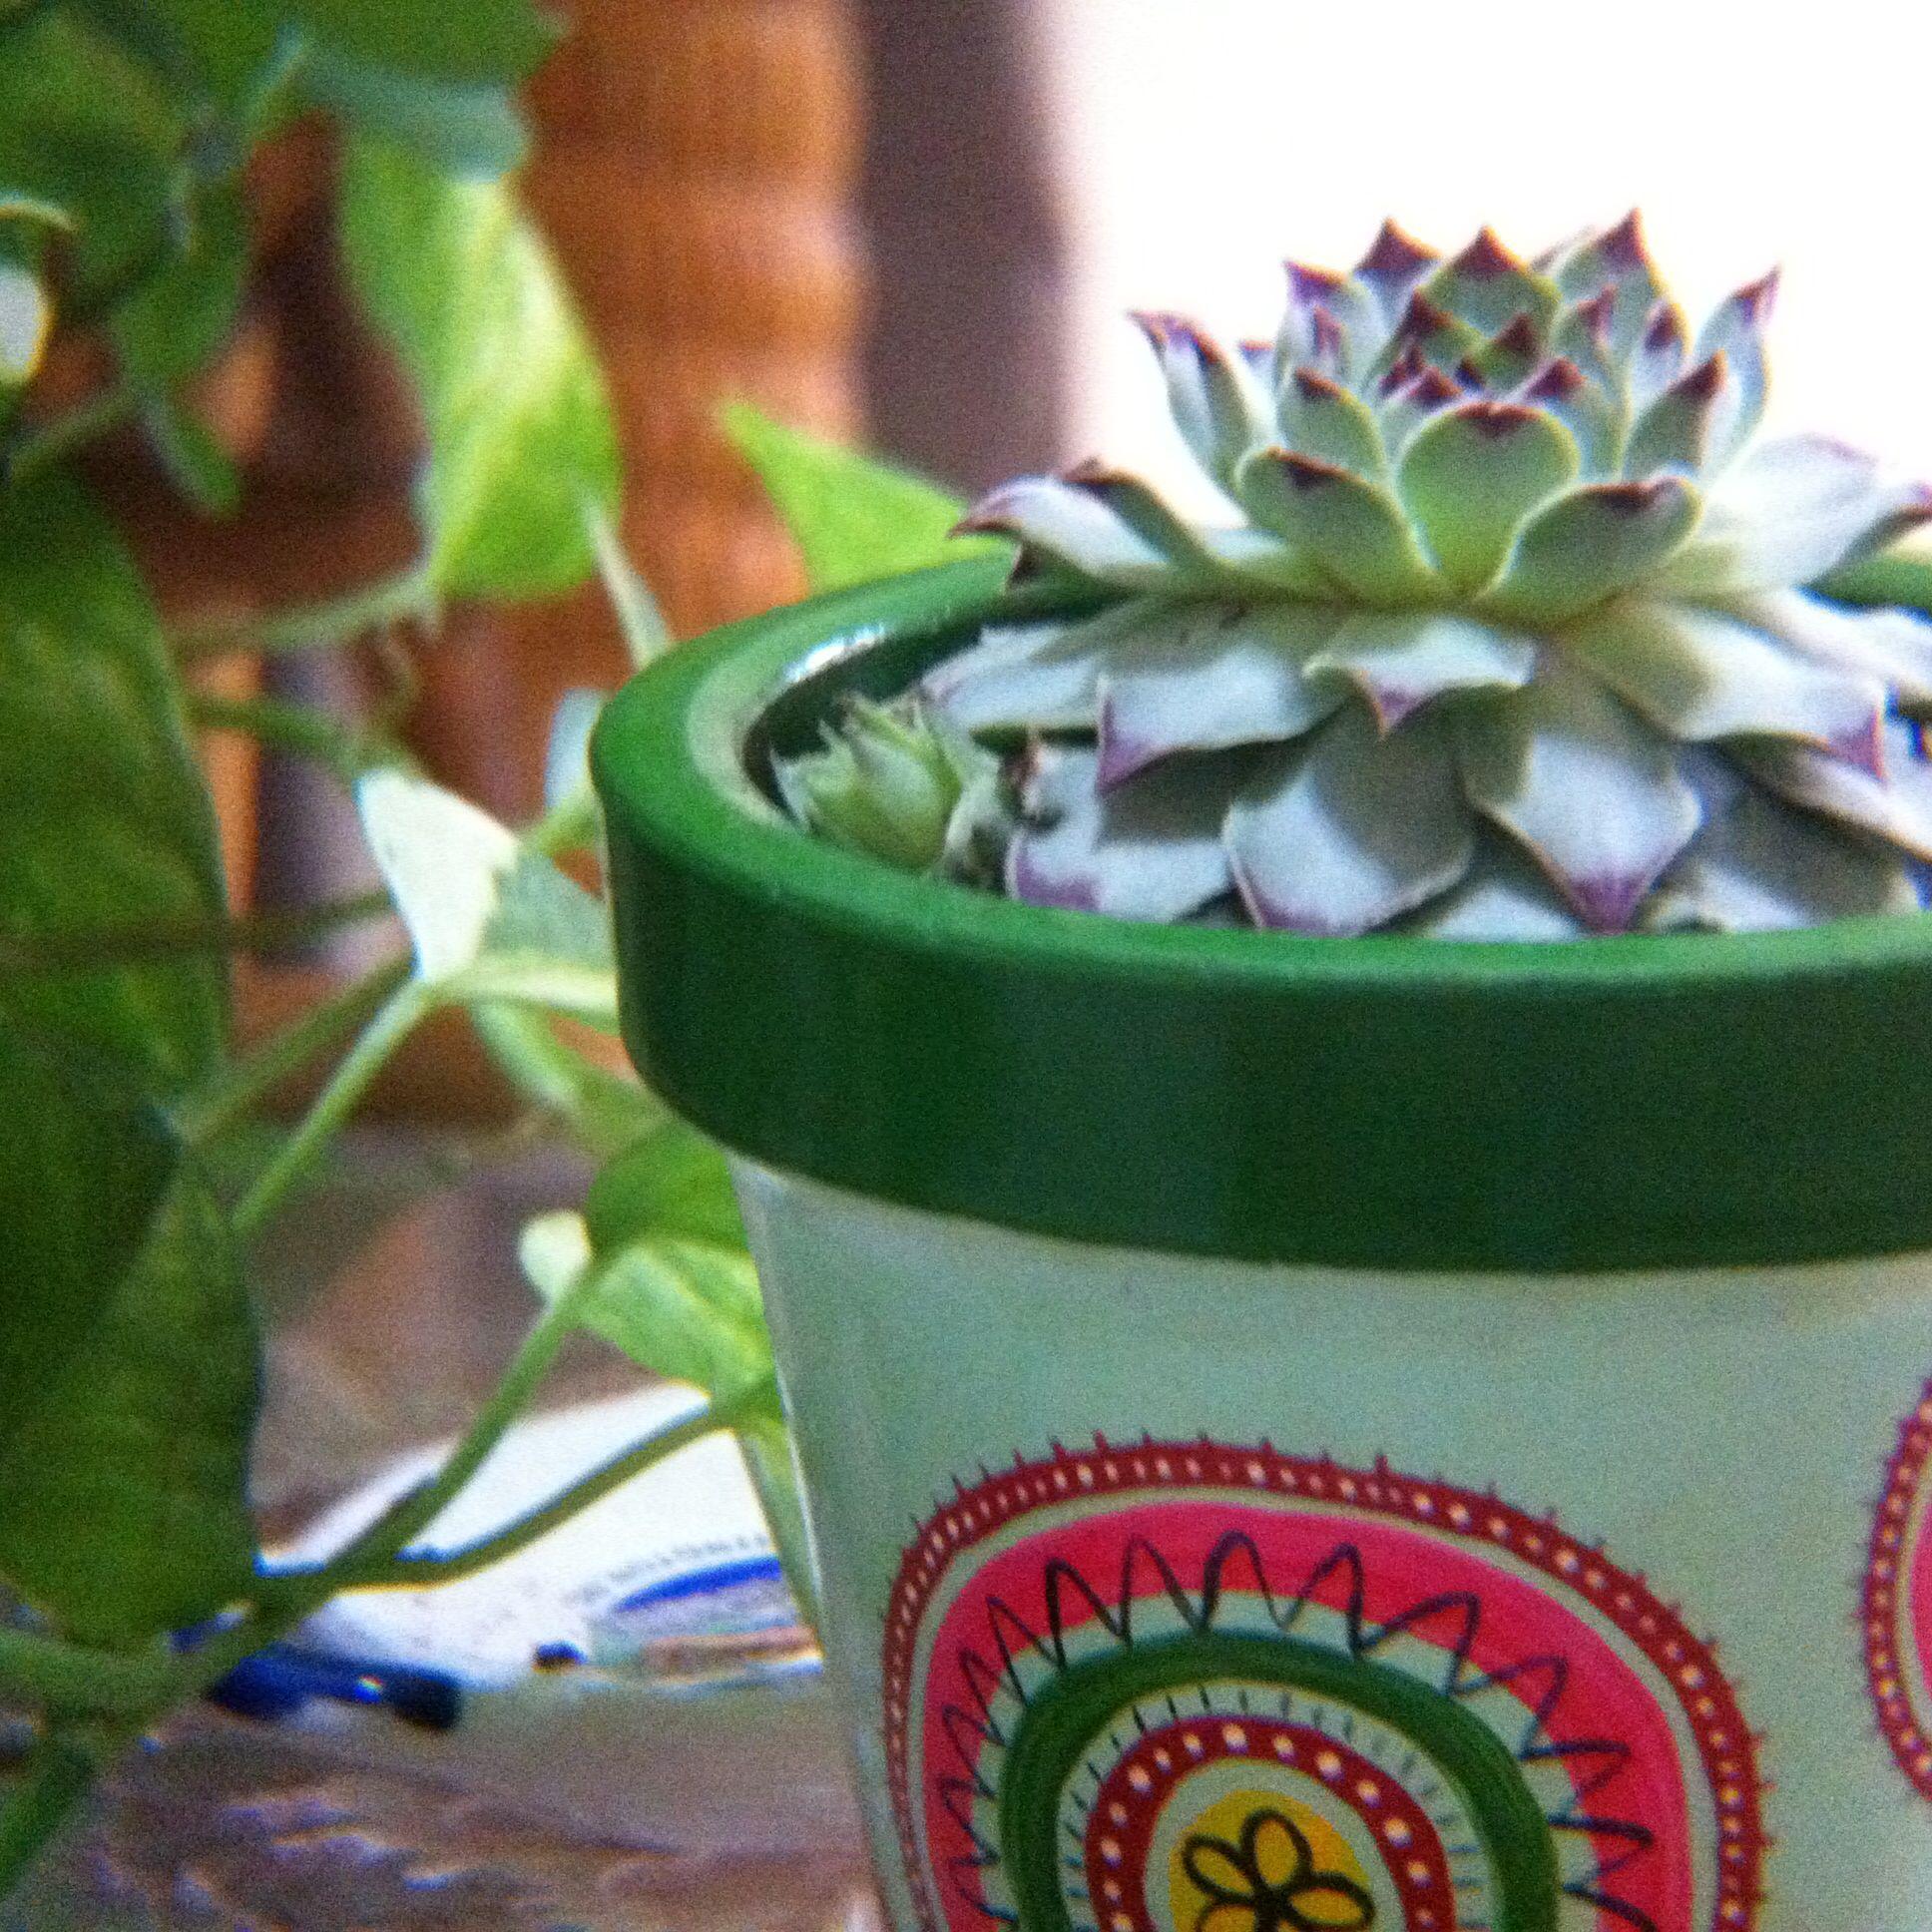 Macetas de barro pintada a mano con cactus y suculentas - Macetones de barro ...